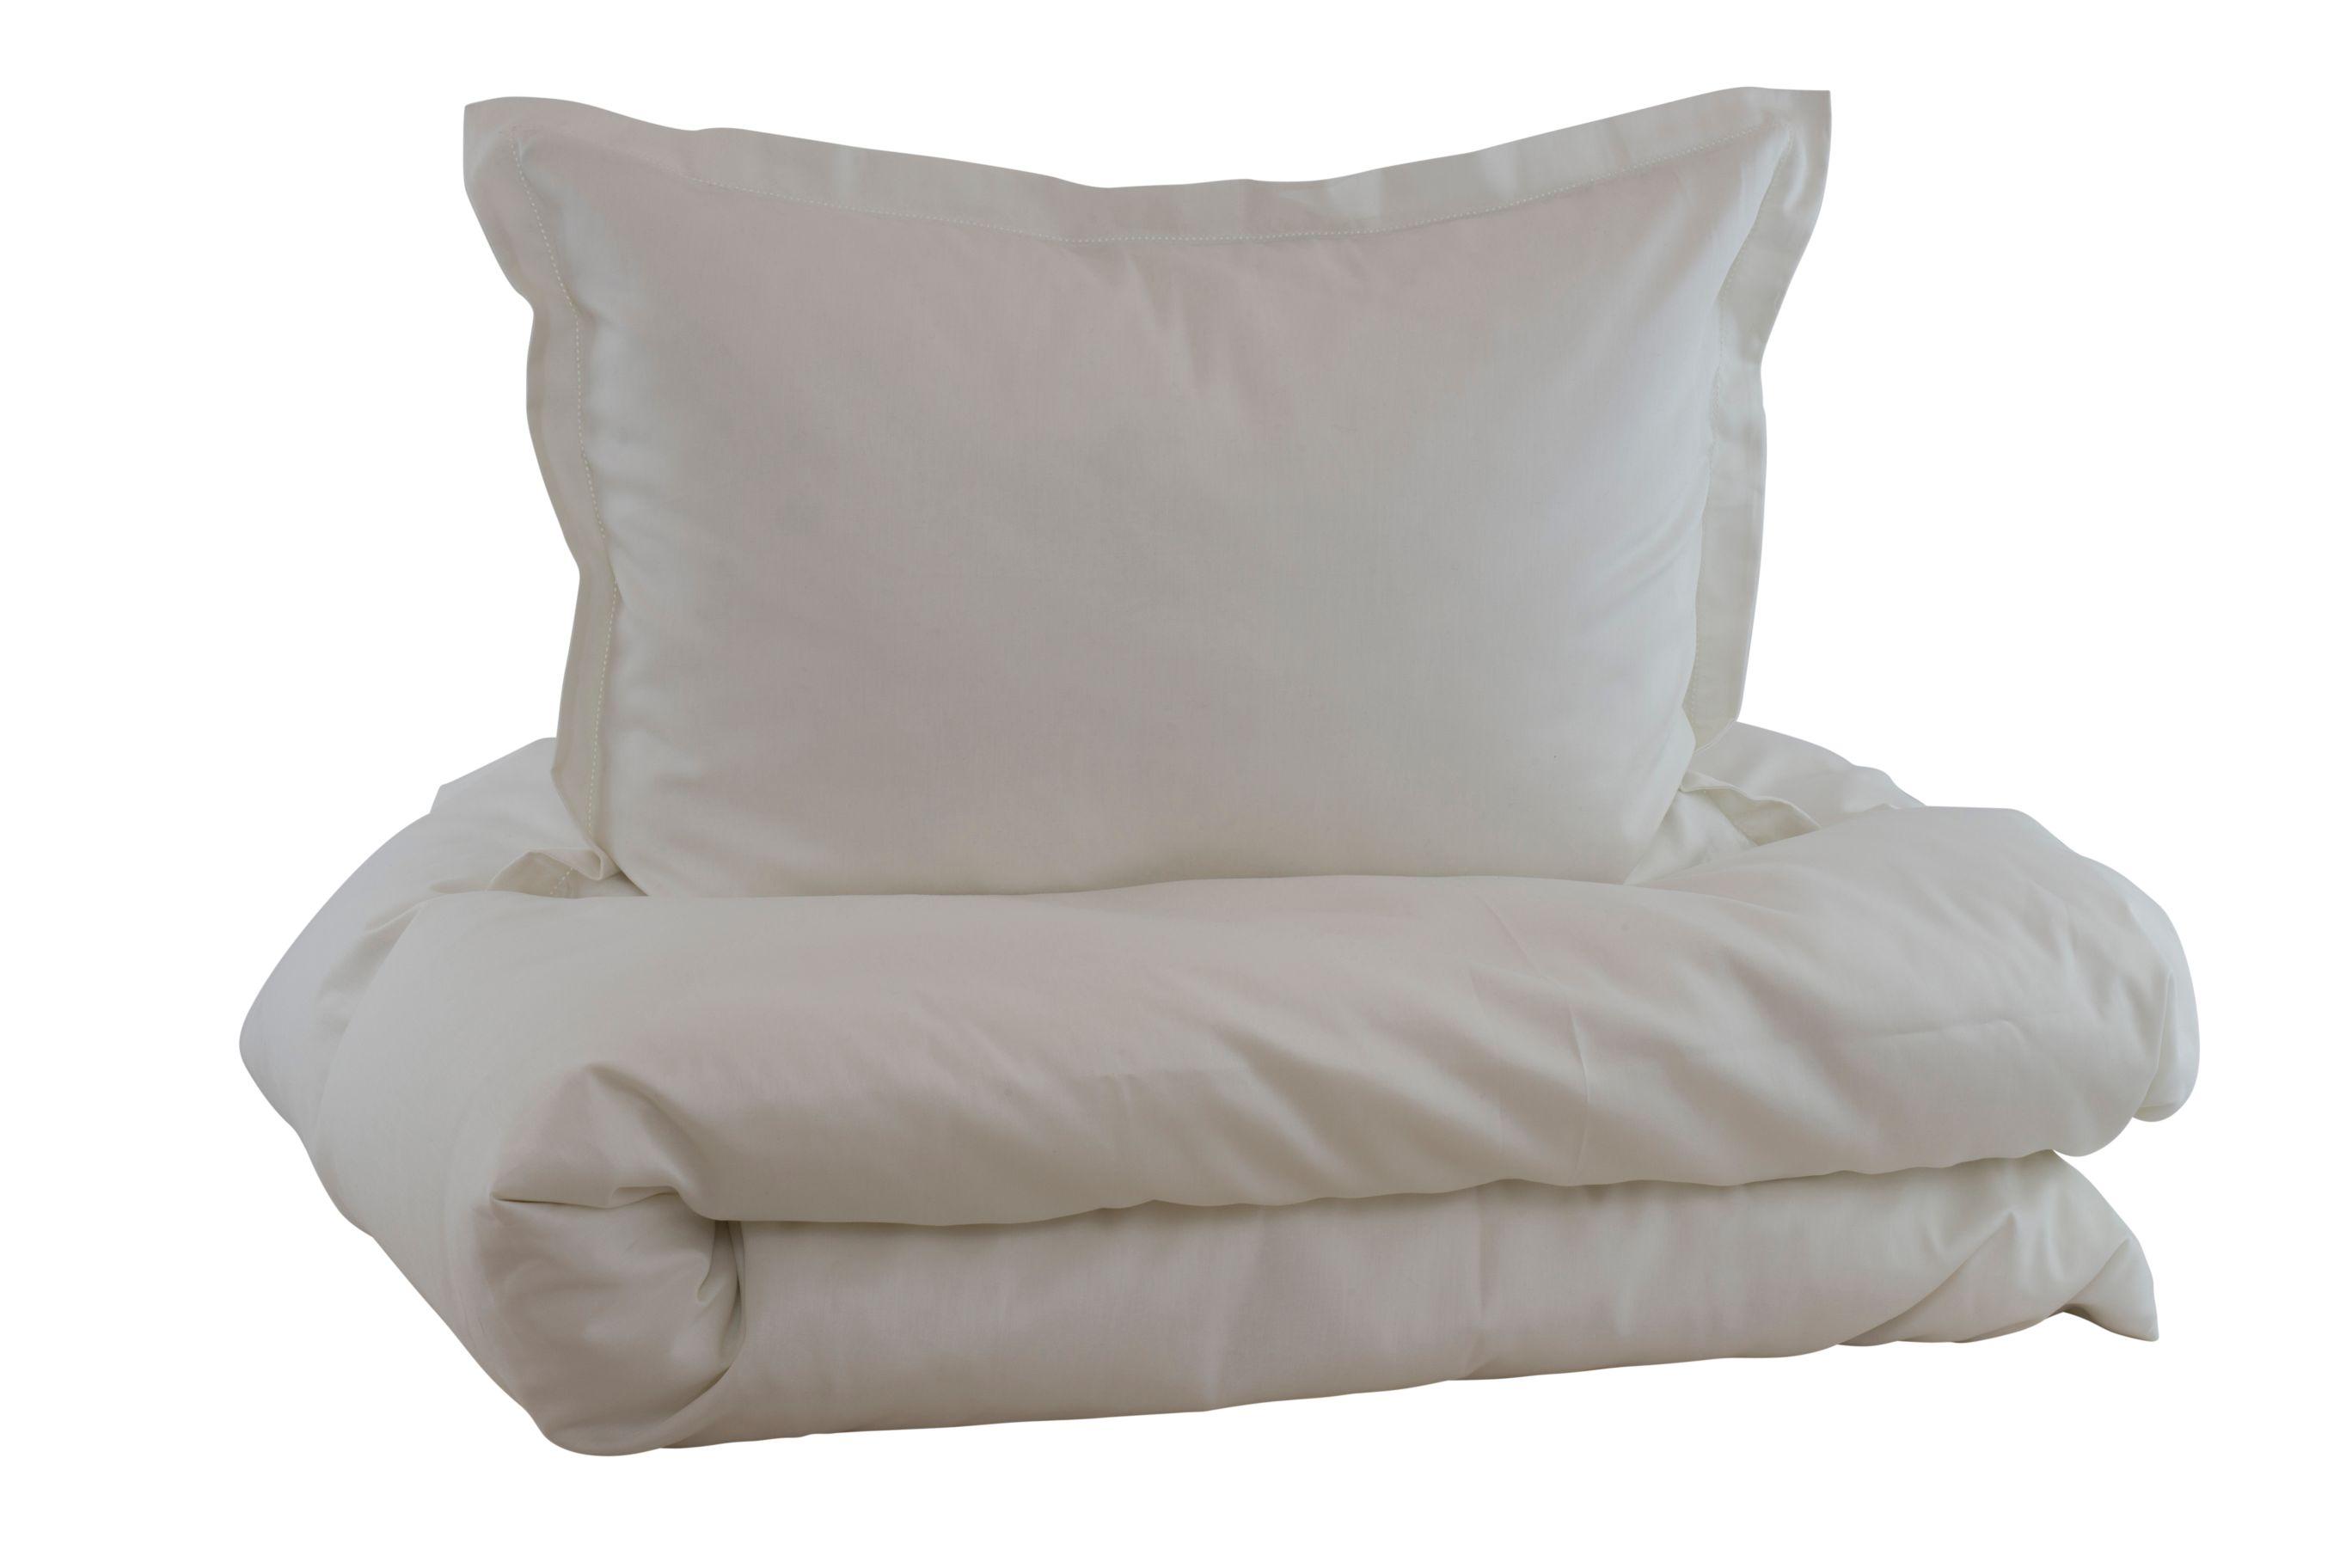 Borås Grand sengelinned, 140200 cm, white sand